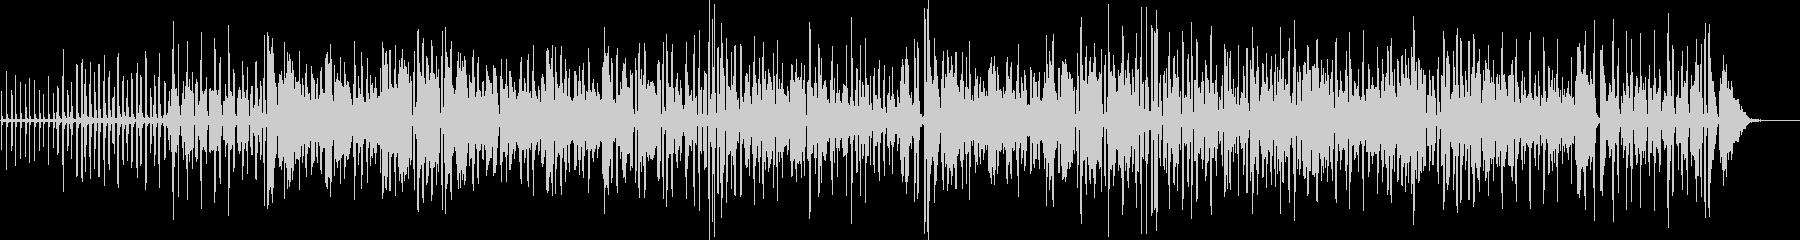 陽気で明るい生演奏アコーディオンのBGMの未再生の波形